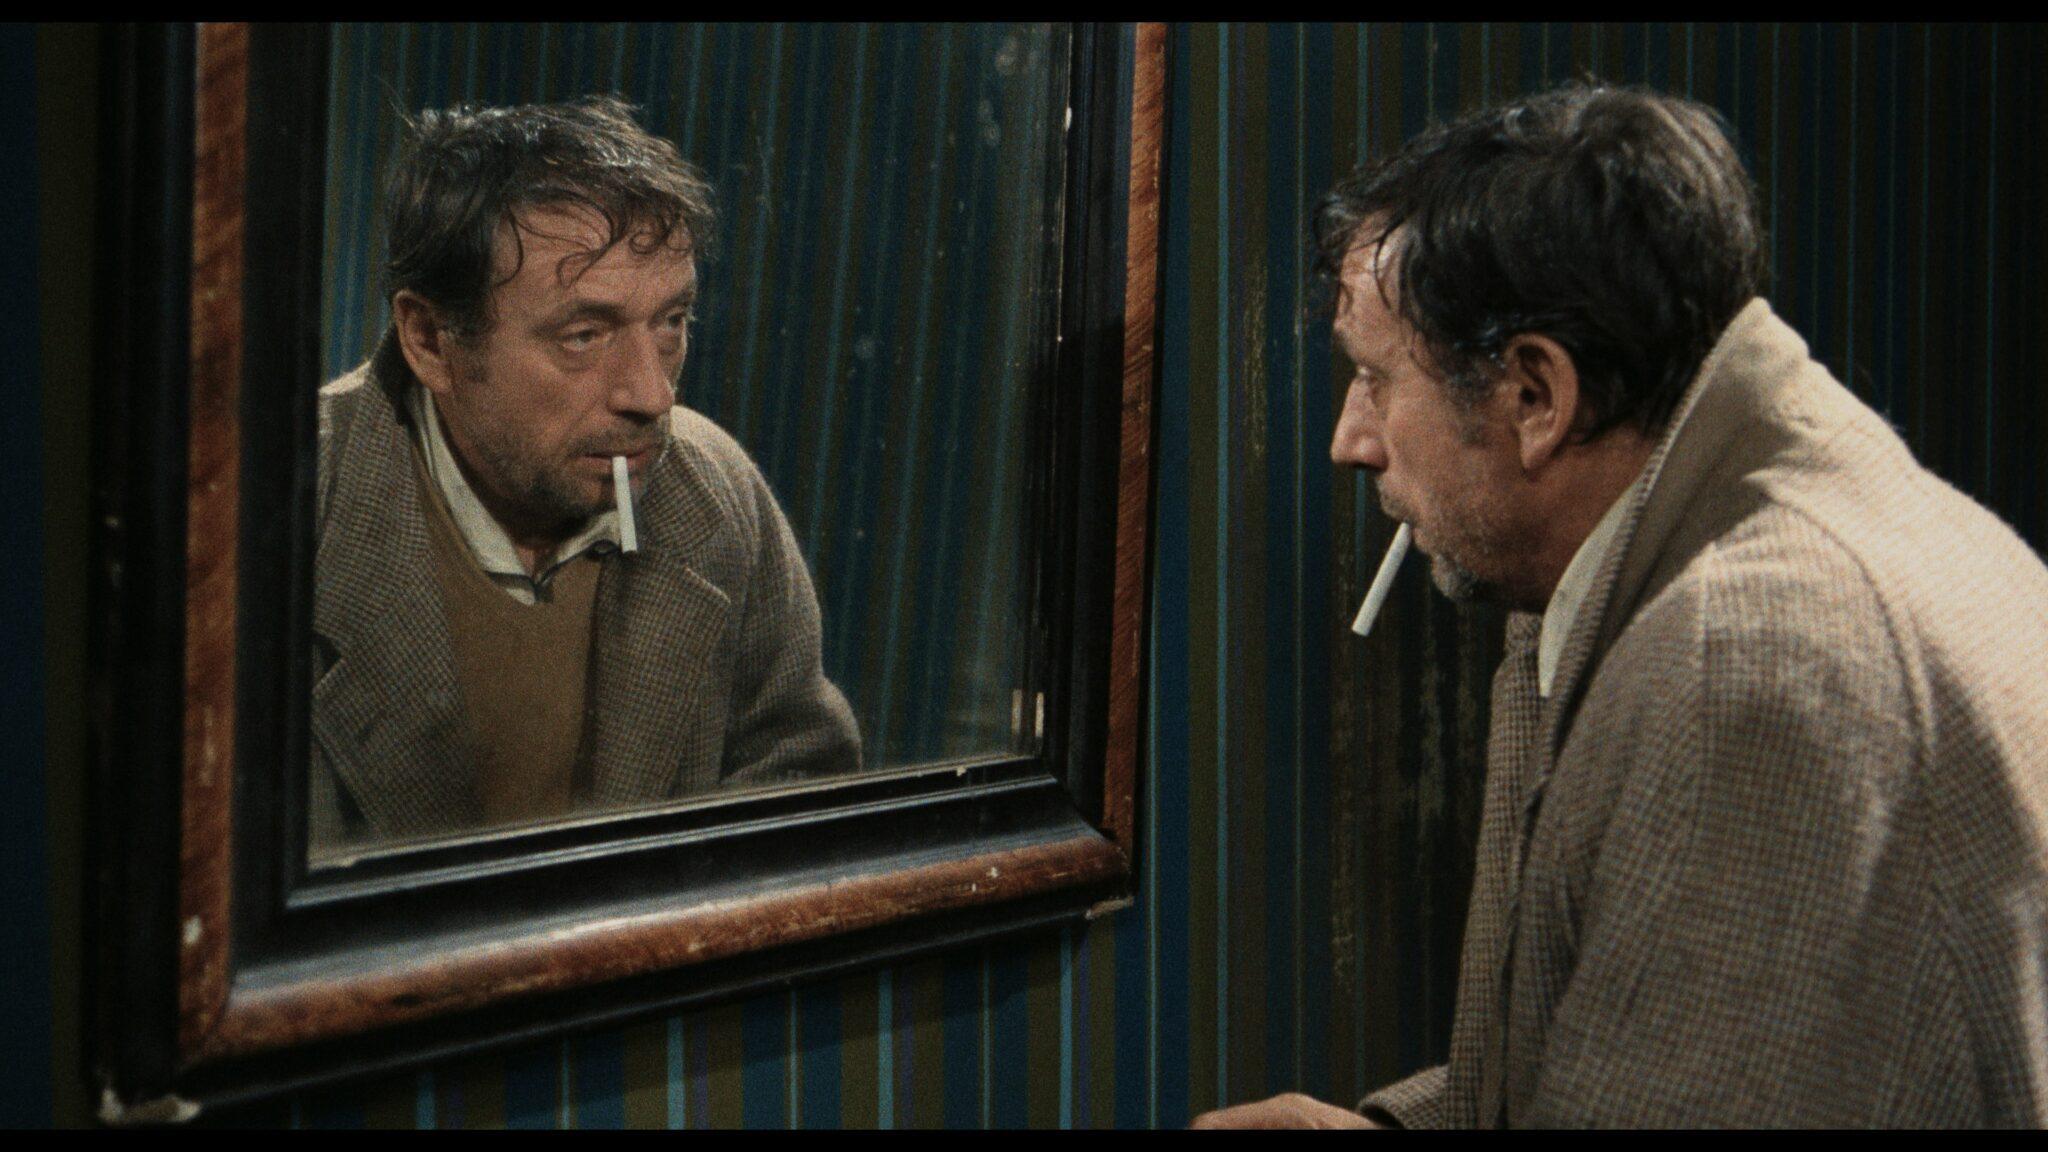 """Jansen (Yves Montand) guckt in """"Vier im roten Kreis"""" stark alkoholisiert in den Spiegel in seiner spärlichen Wohnung. Er zündet sich gerade eine Zigarette an."""